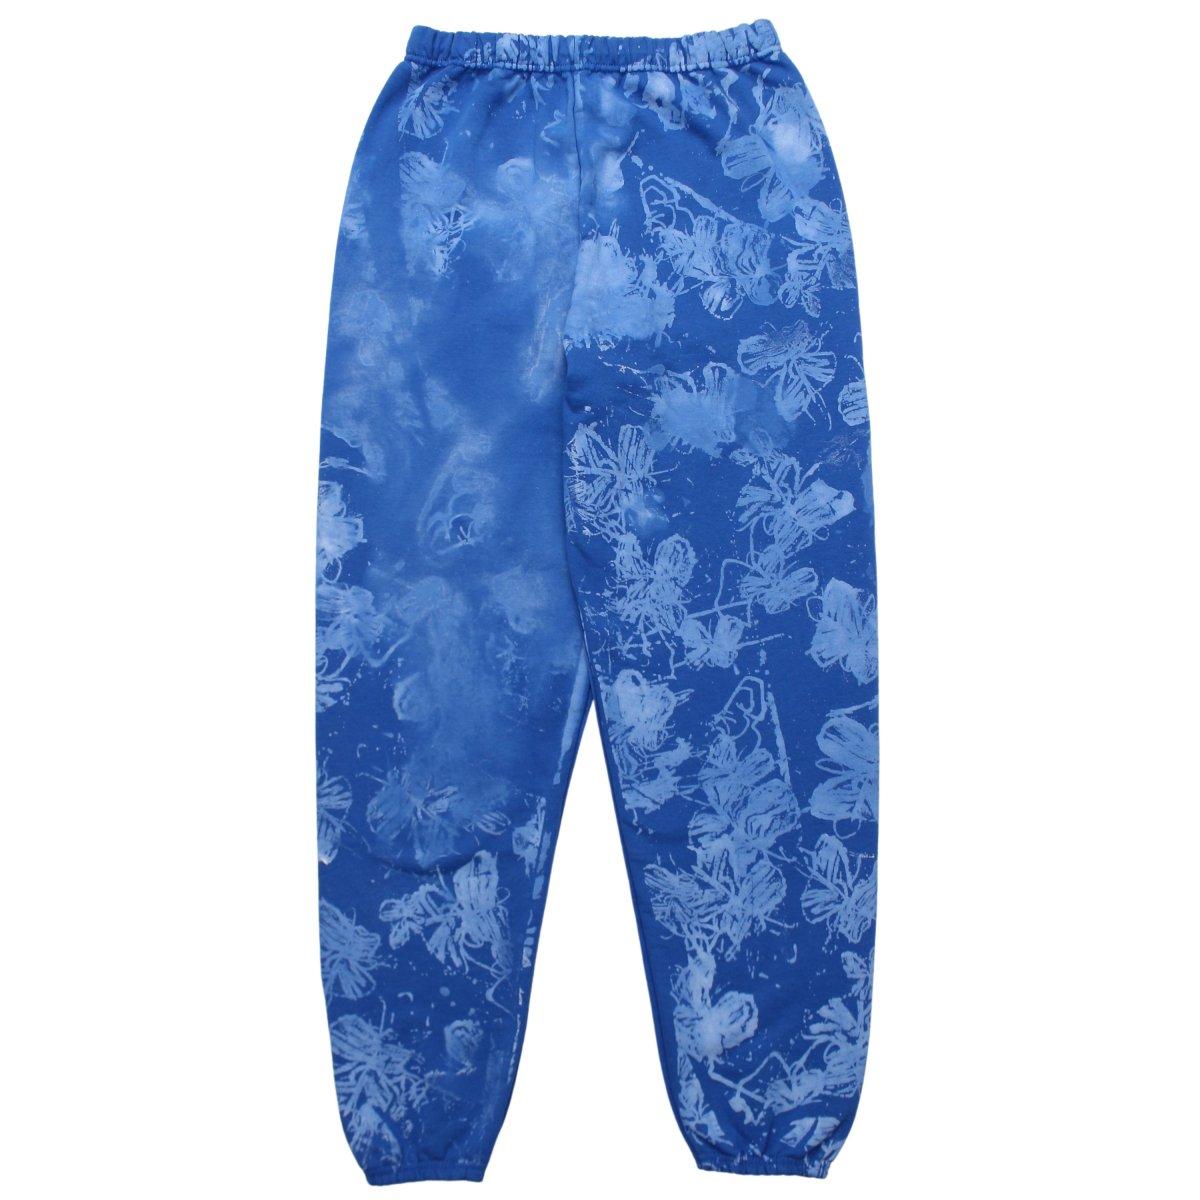 PANTS【BLUE】